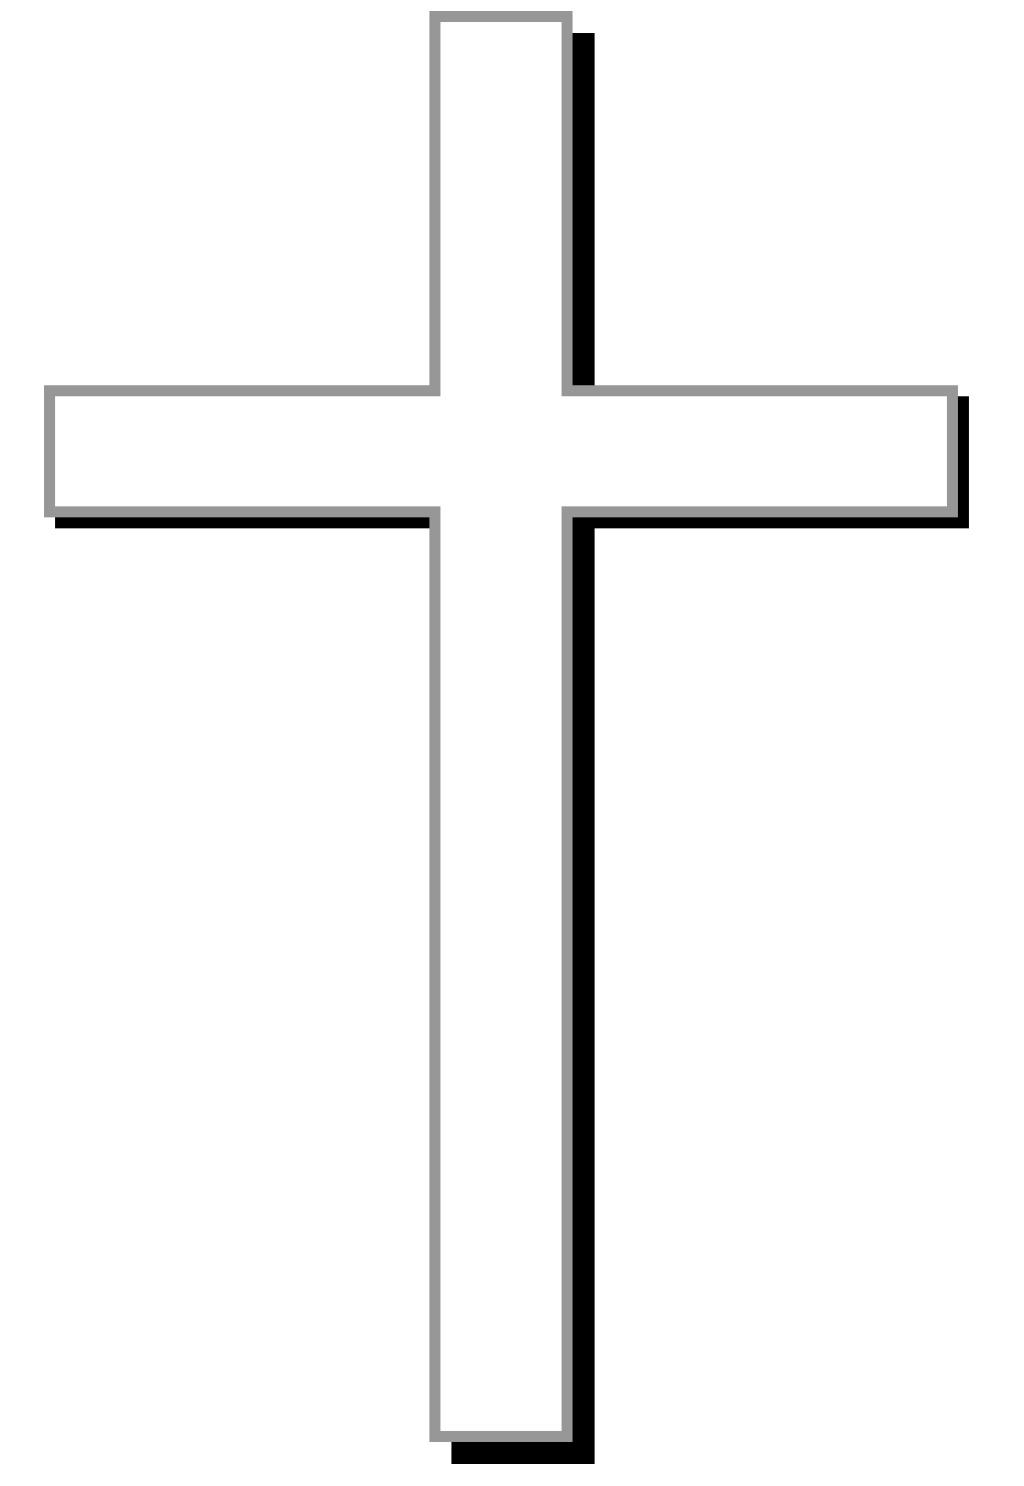 Croix clipart banner Clipart croix 9 » Clipart Station banner